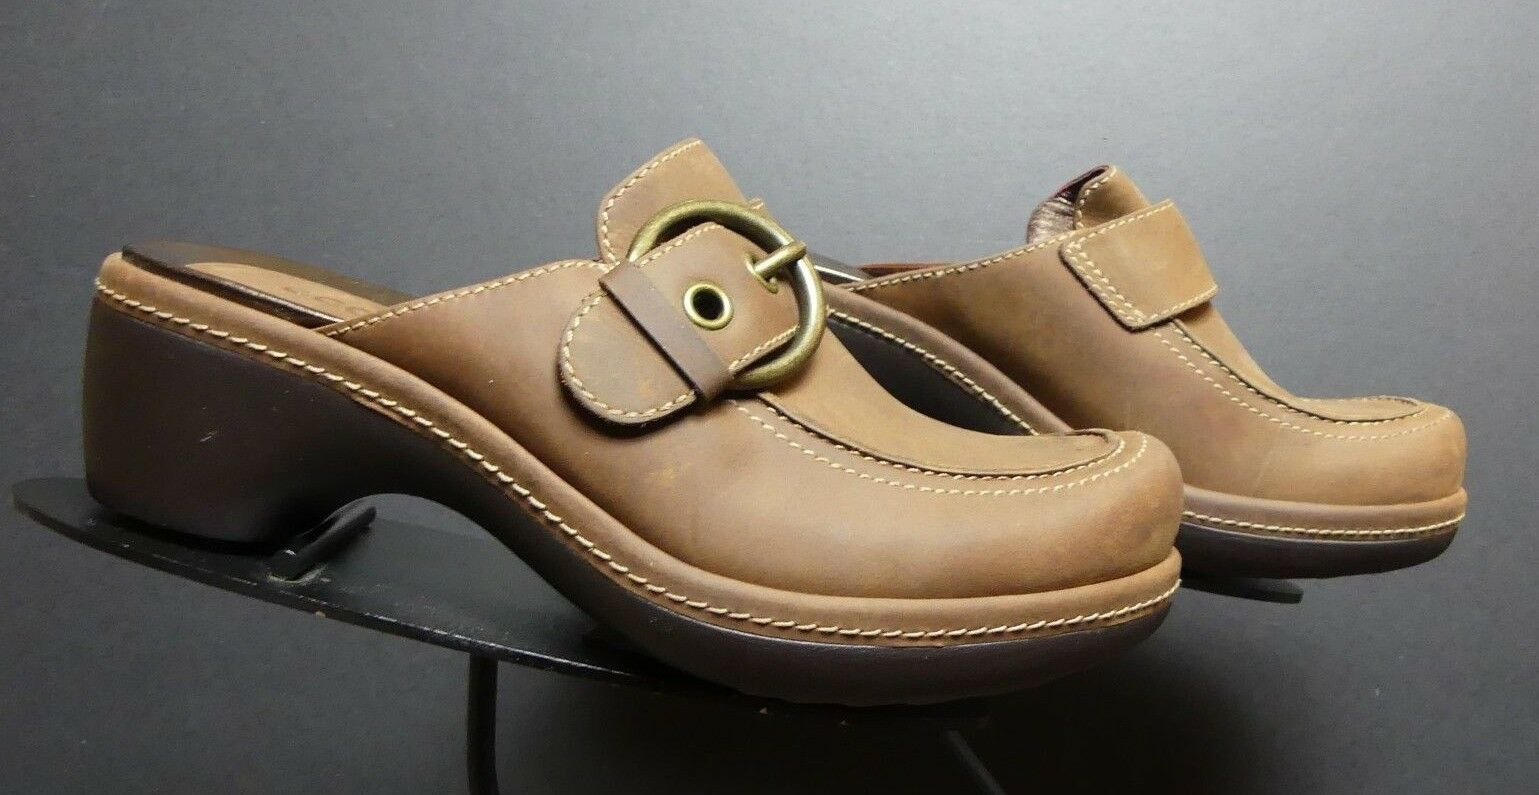 consegna veloce e spedizione gratuita per tutti gli ordini Donna  ECCO Marrone Leather Buckled Slide Slide Slide Mule Clog Sz. 37 6.5 MINT   solo per te